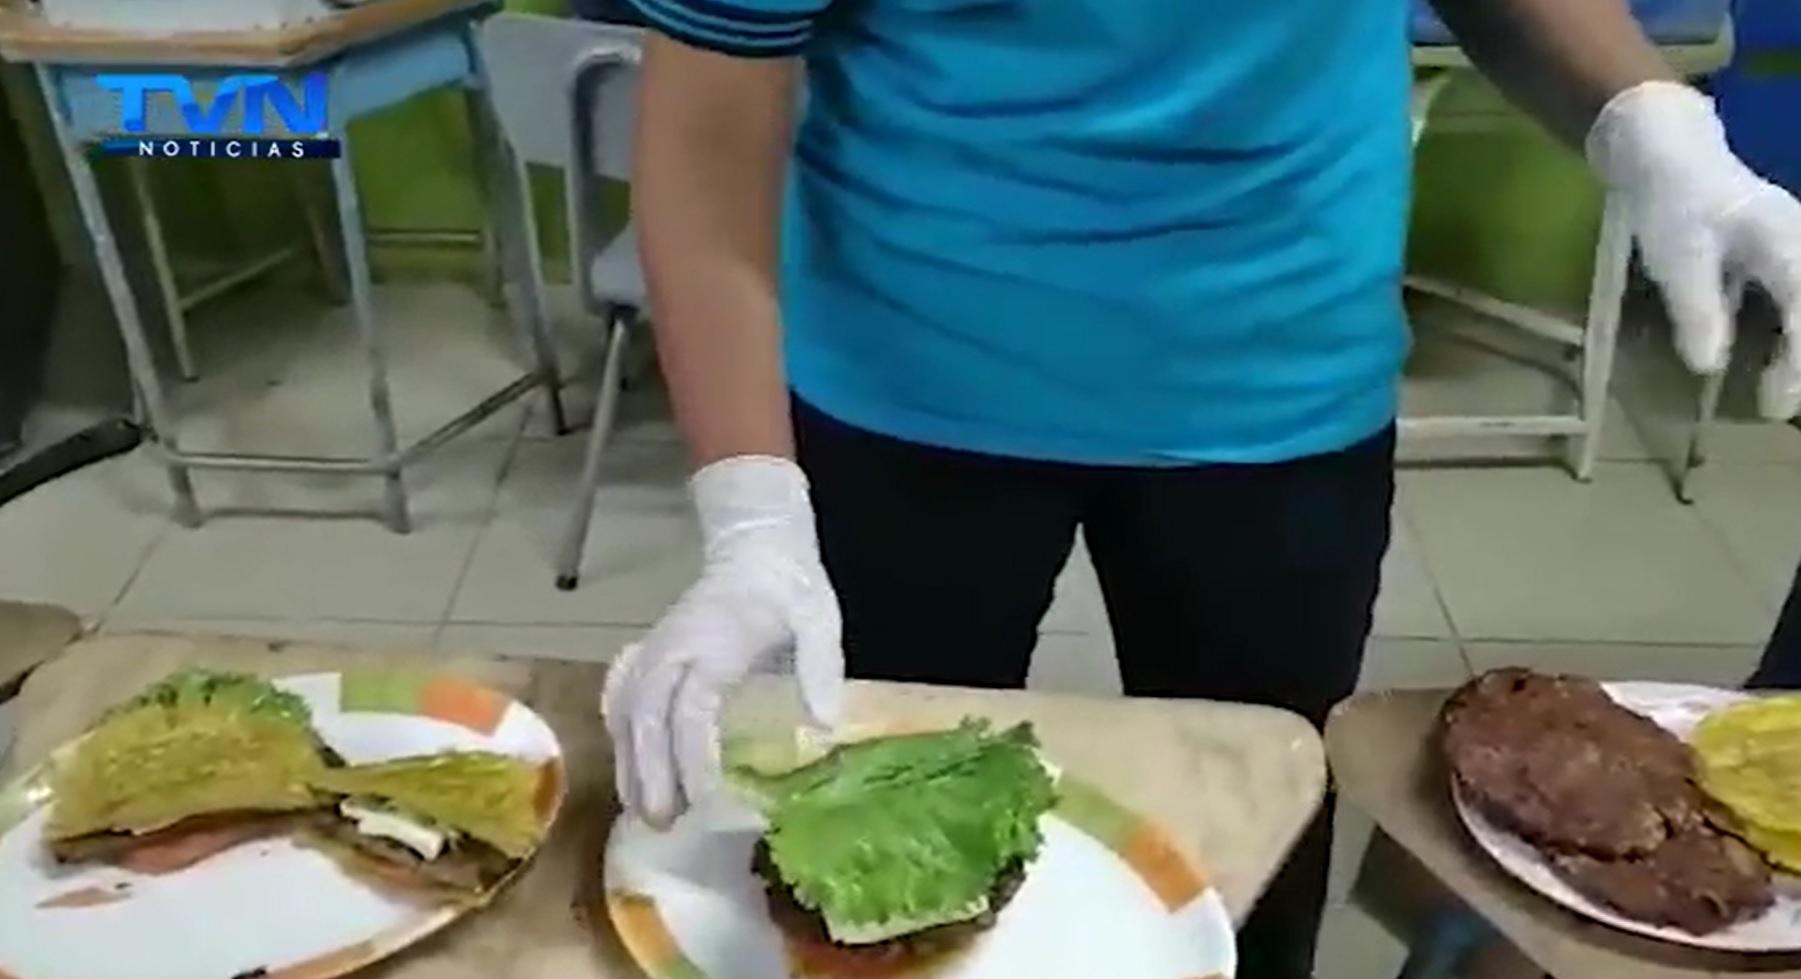 Plátanos y la Patacoburguesa son los emprendimientos que impulsan los alumnos del Liceo Boca Río San Carlos